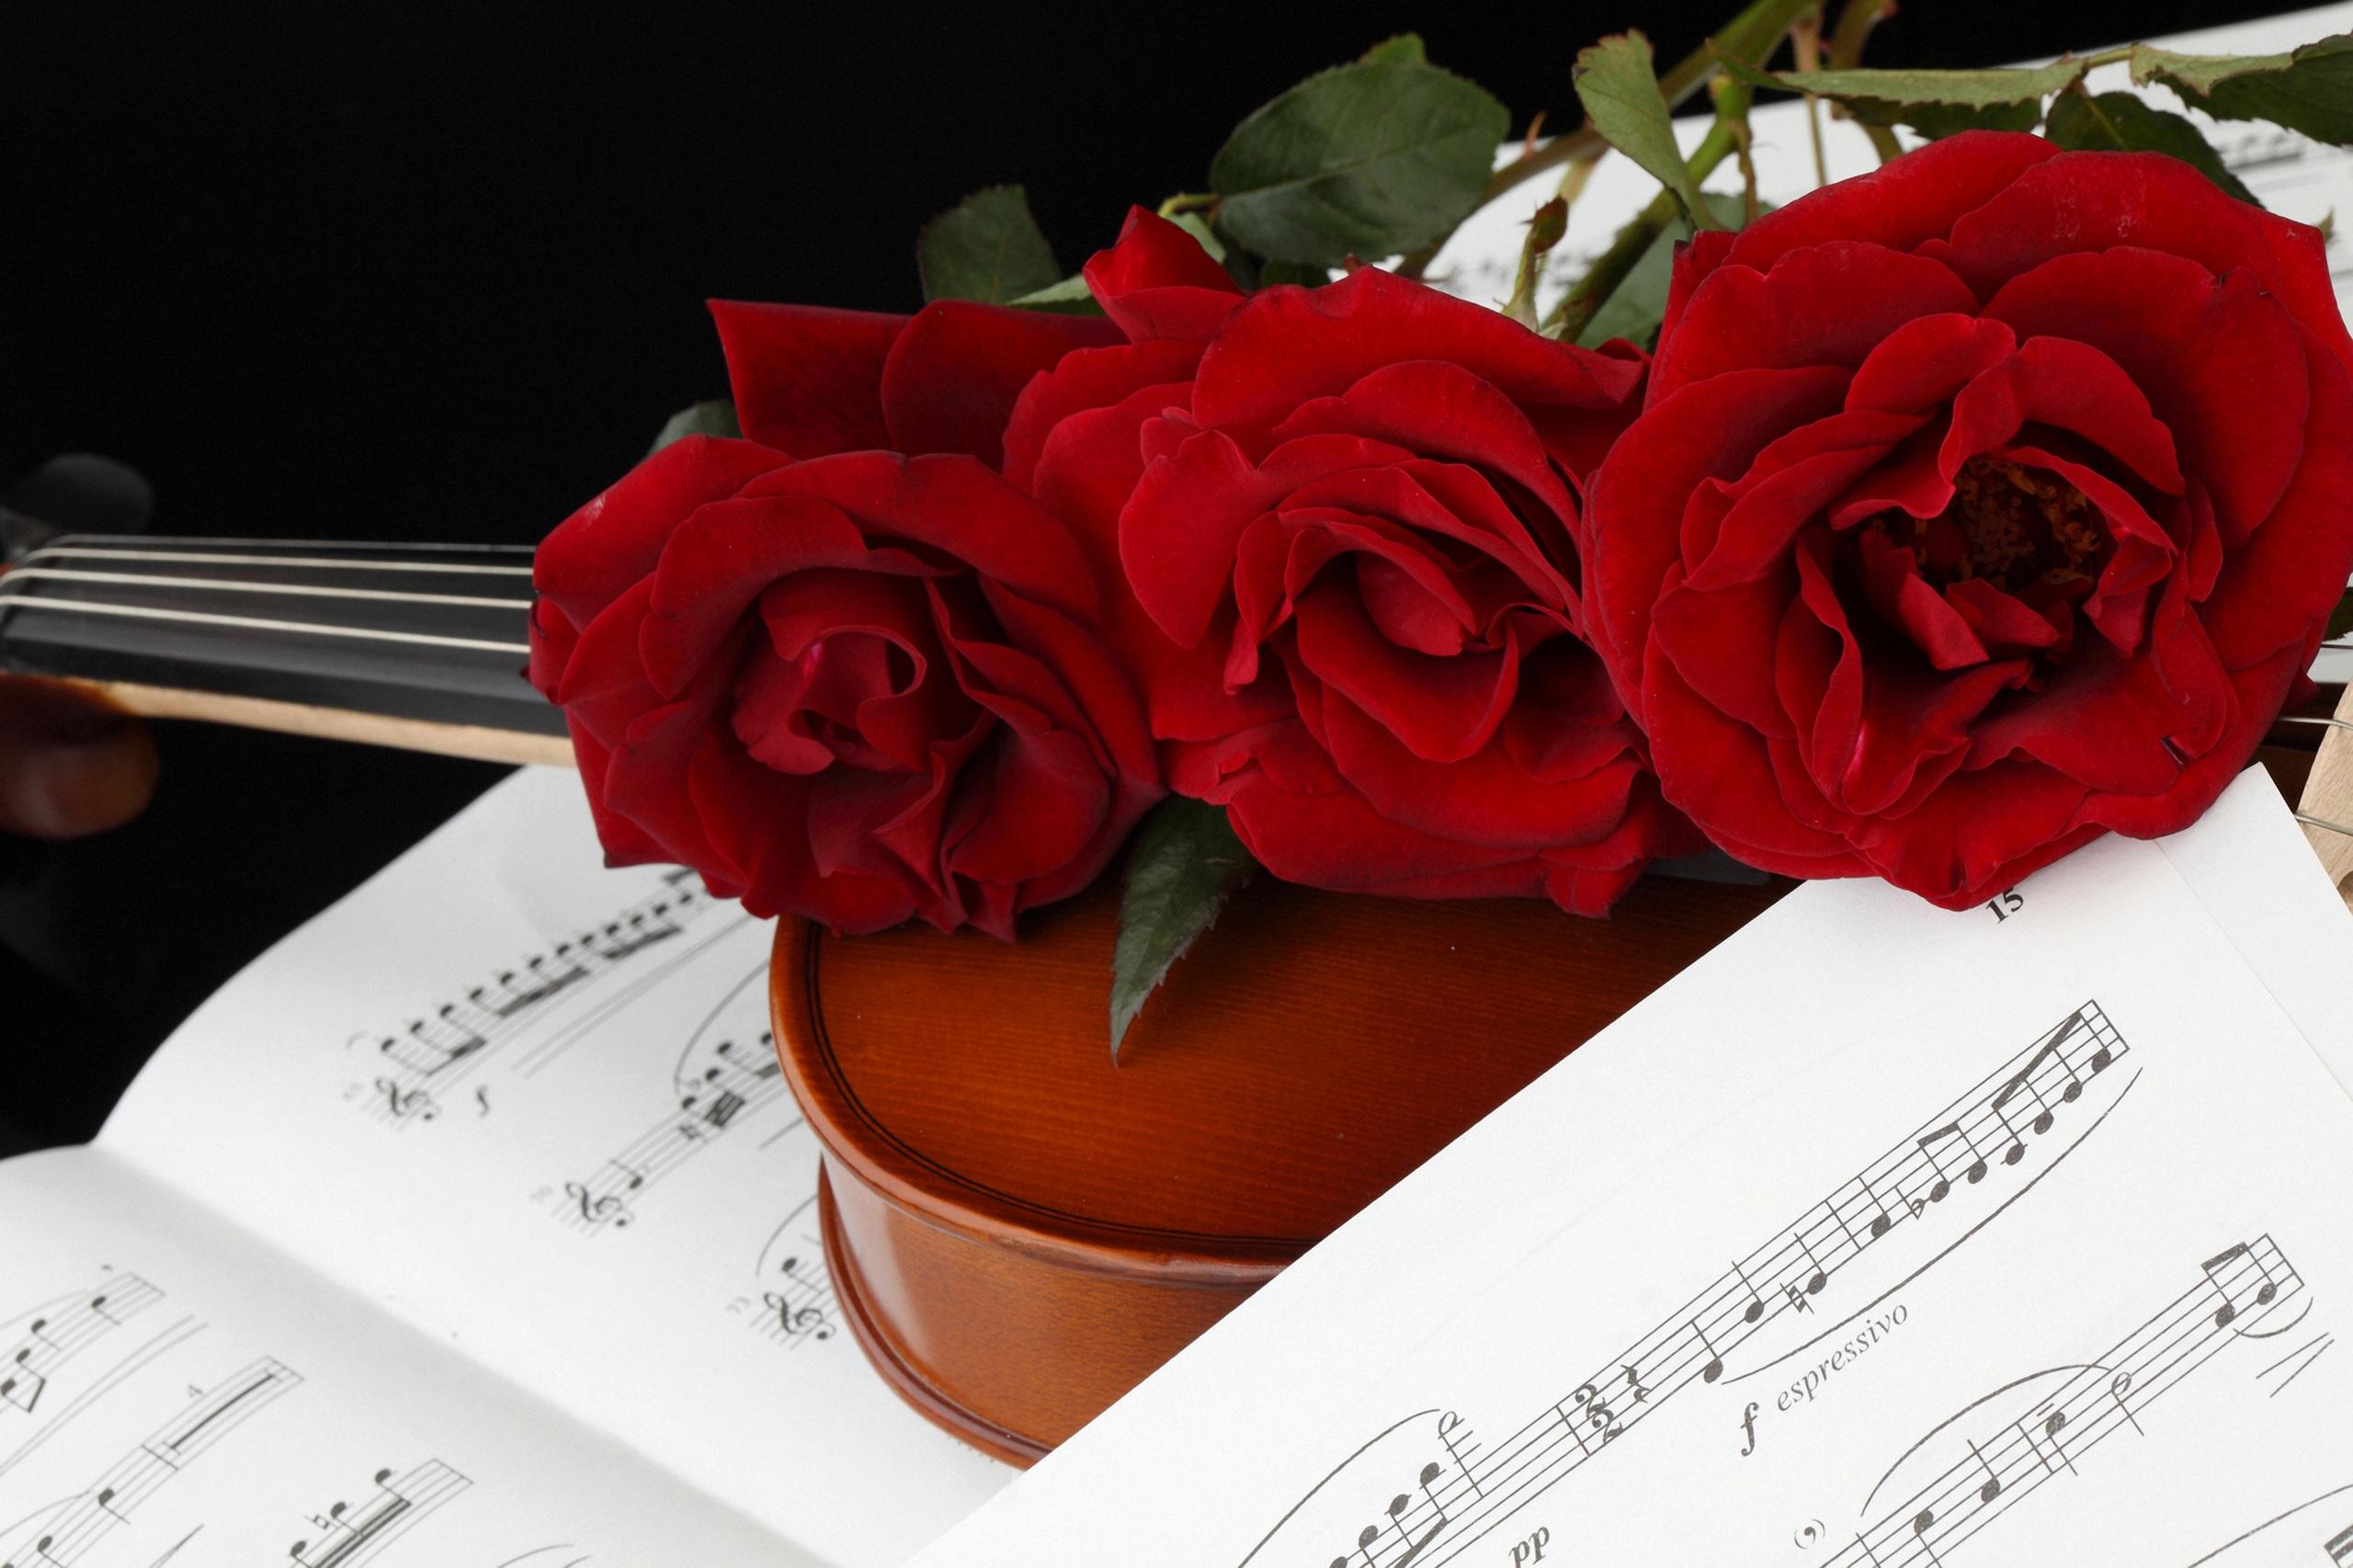 Фотографии Ноты Розы бордовые цветок Трое 3 2560x1706 роза Бордовый бордовая темно красный Цветы три втроем